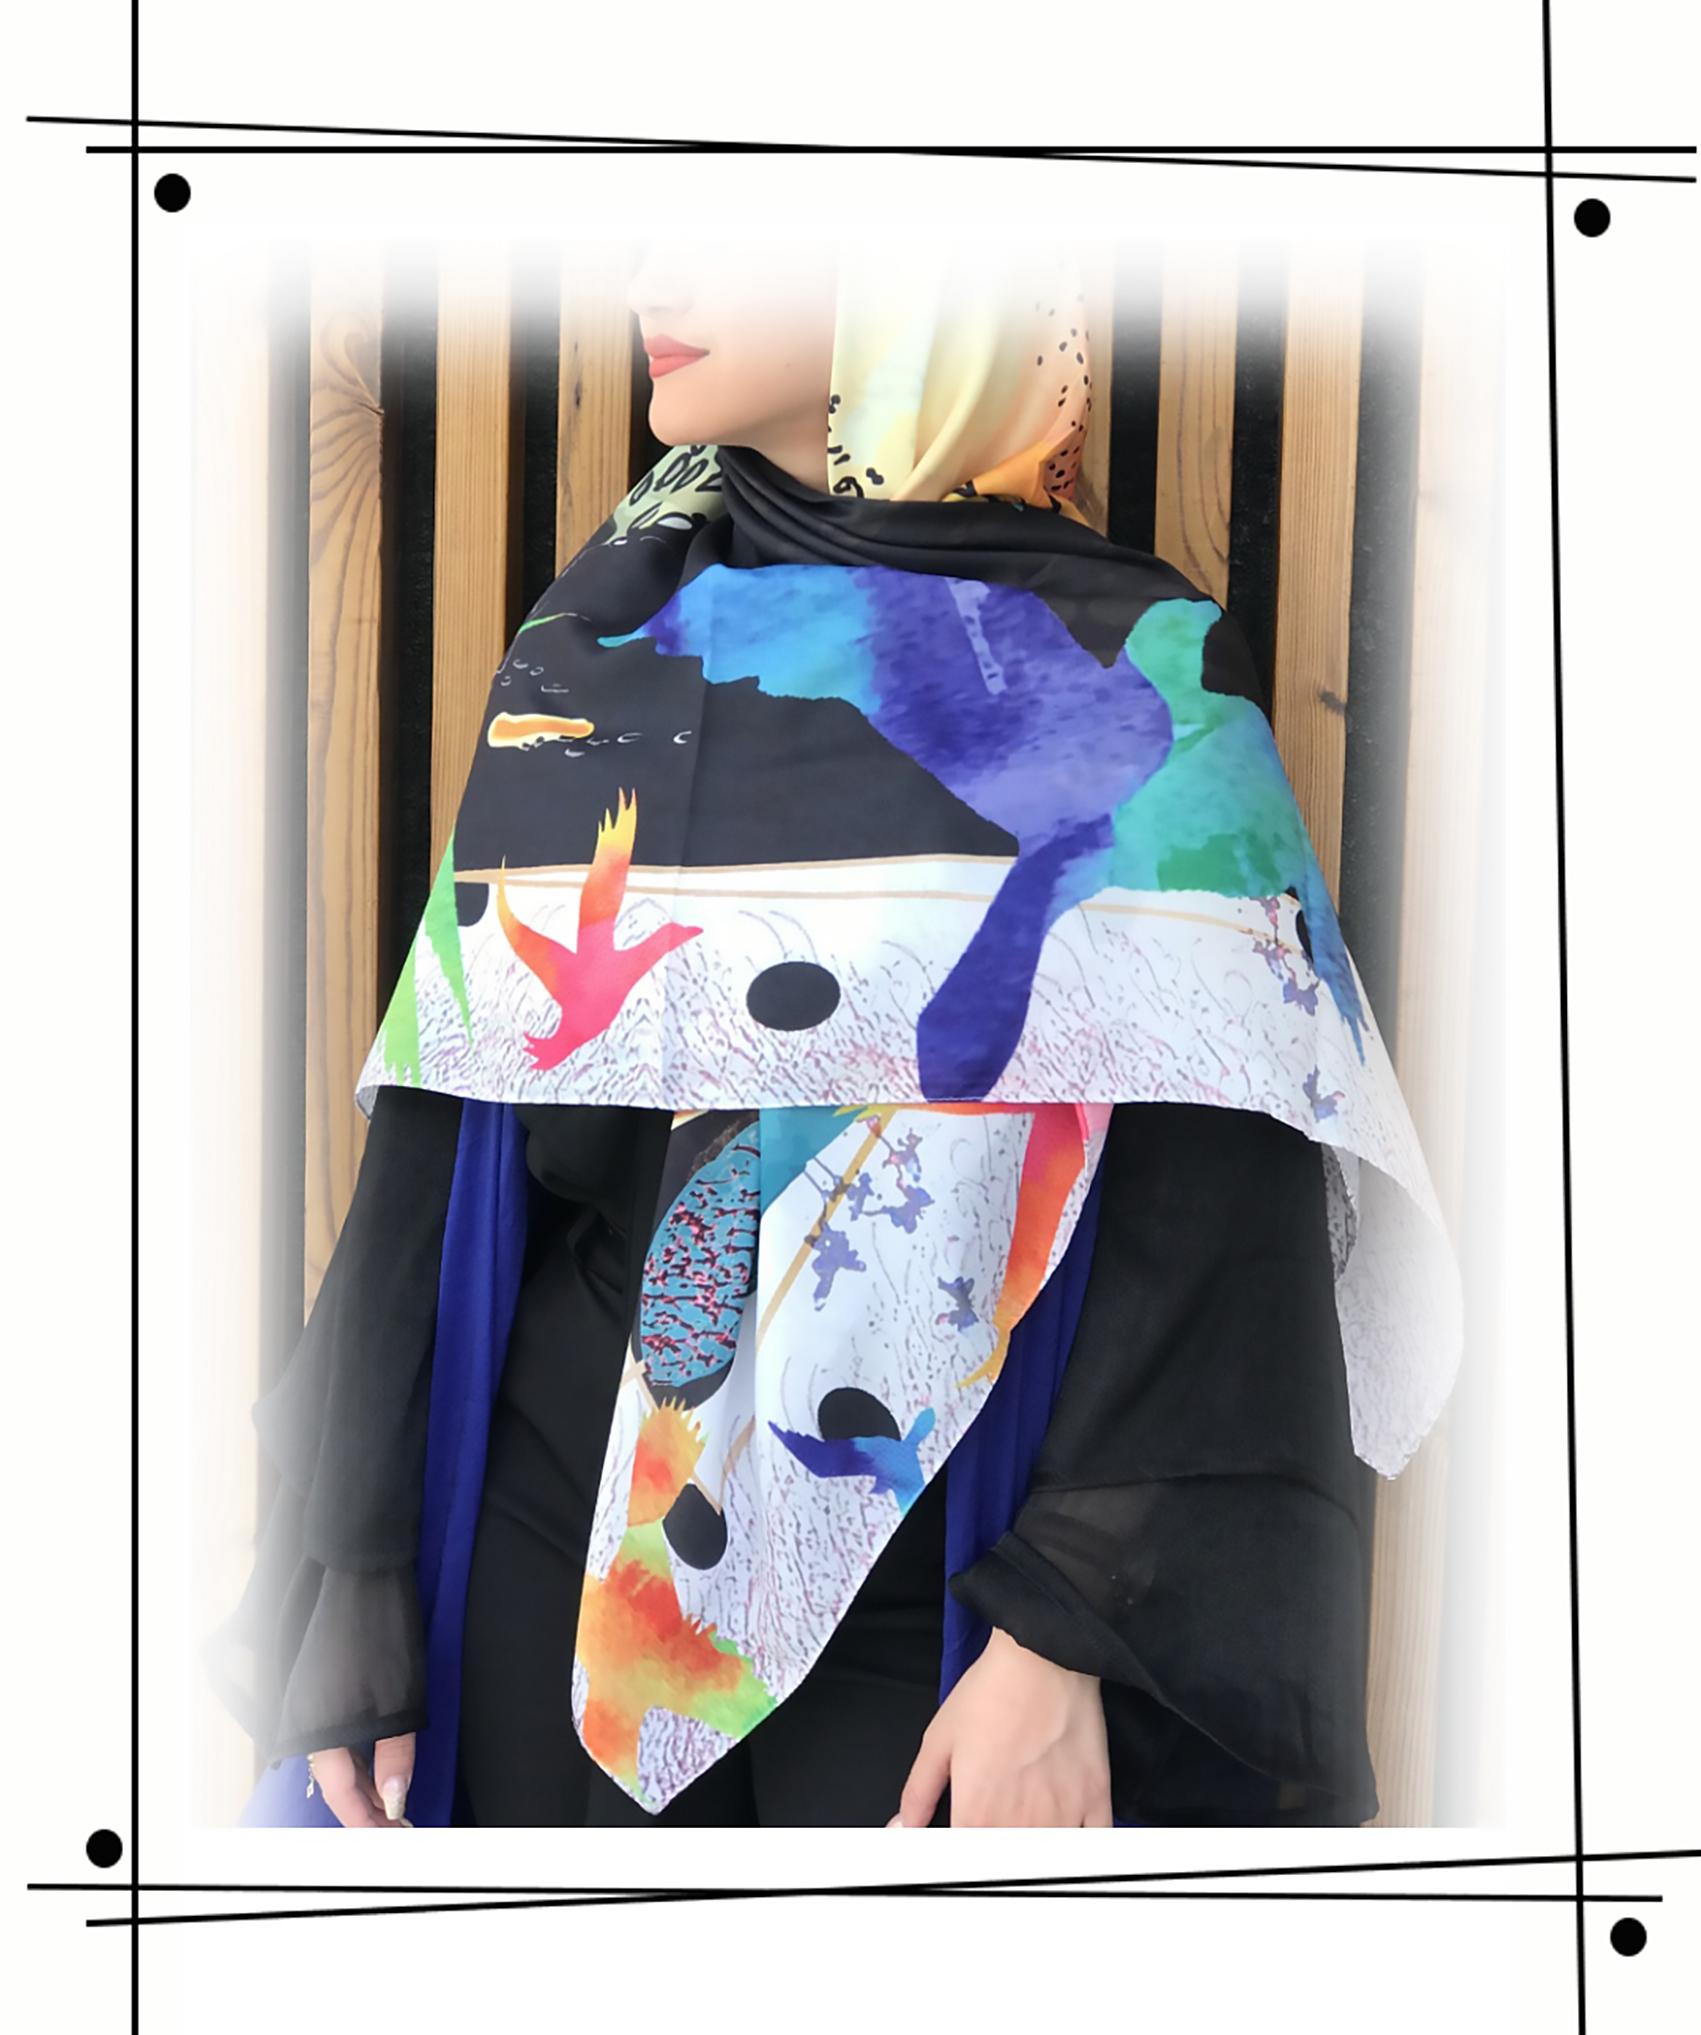 روسری زیبا با طراحی خاص و شعری زیبا